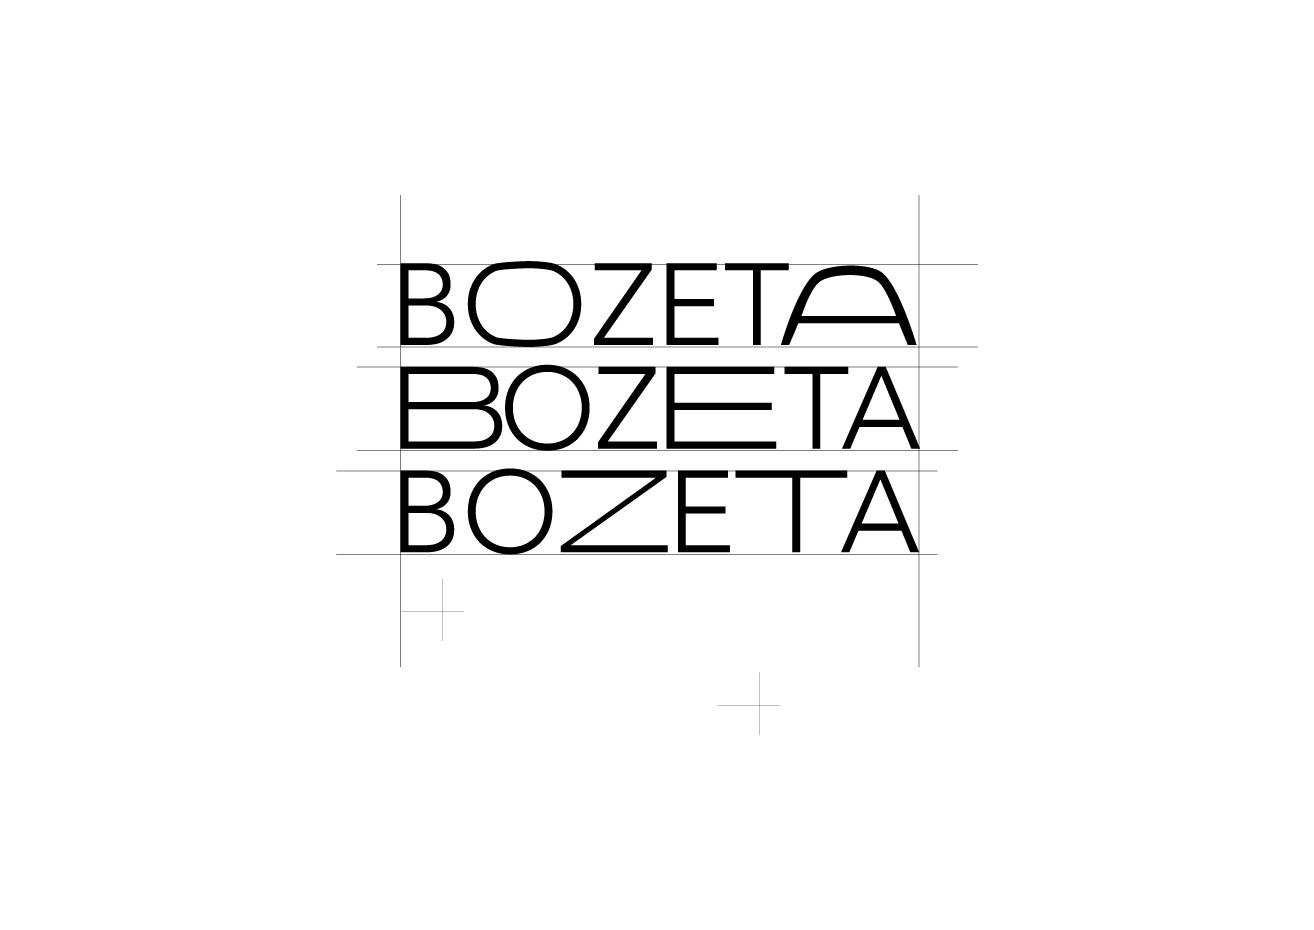 Bozeta logotipo